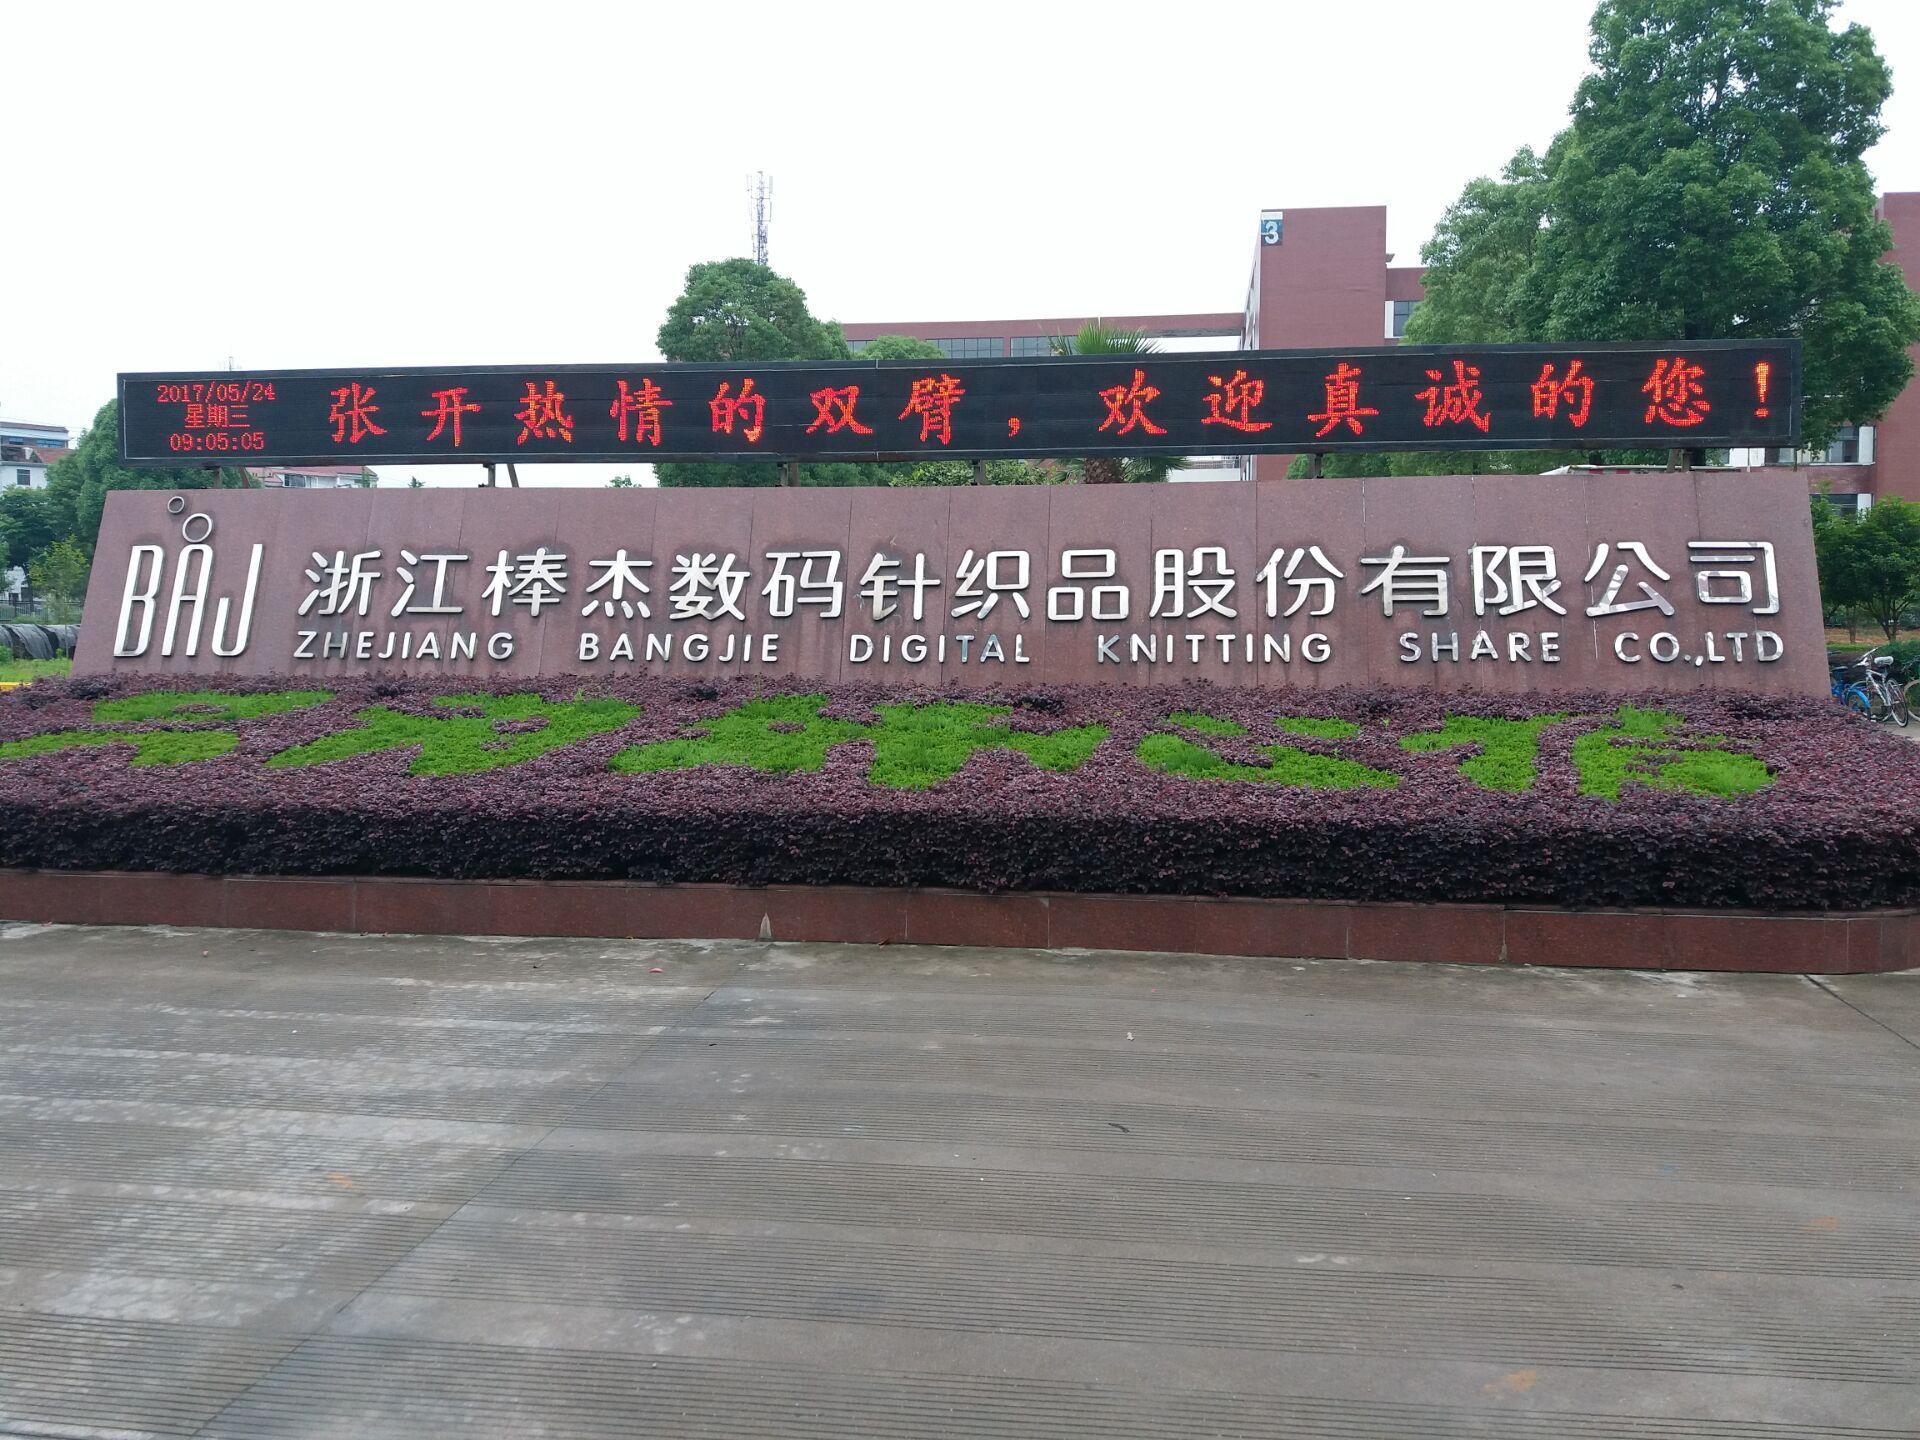 热烈祝贺ju111苏州分部首单签约成功